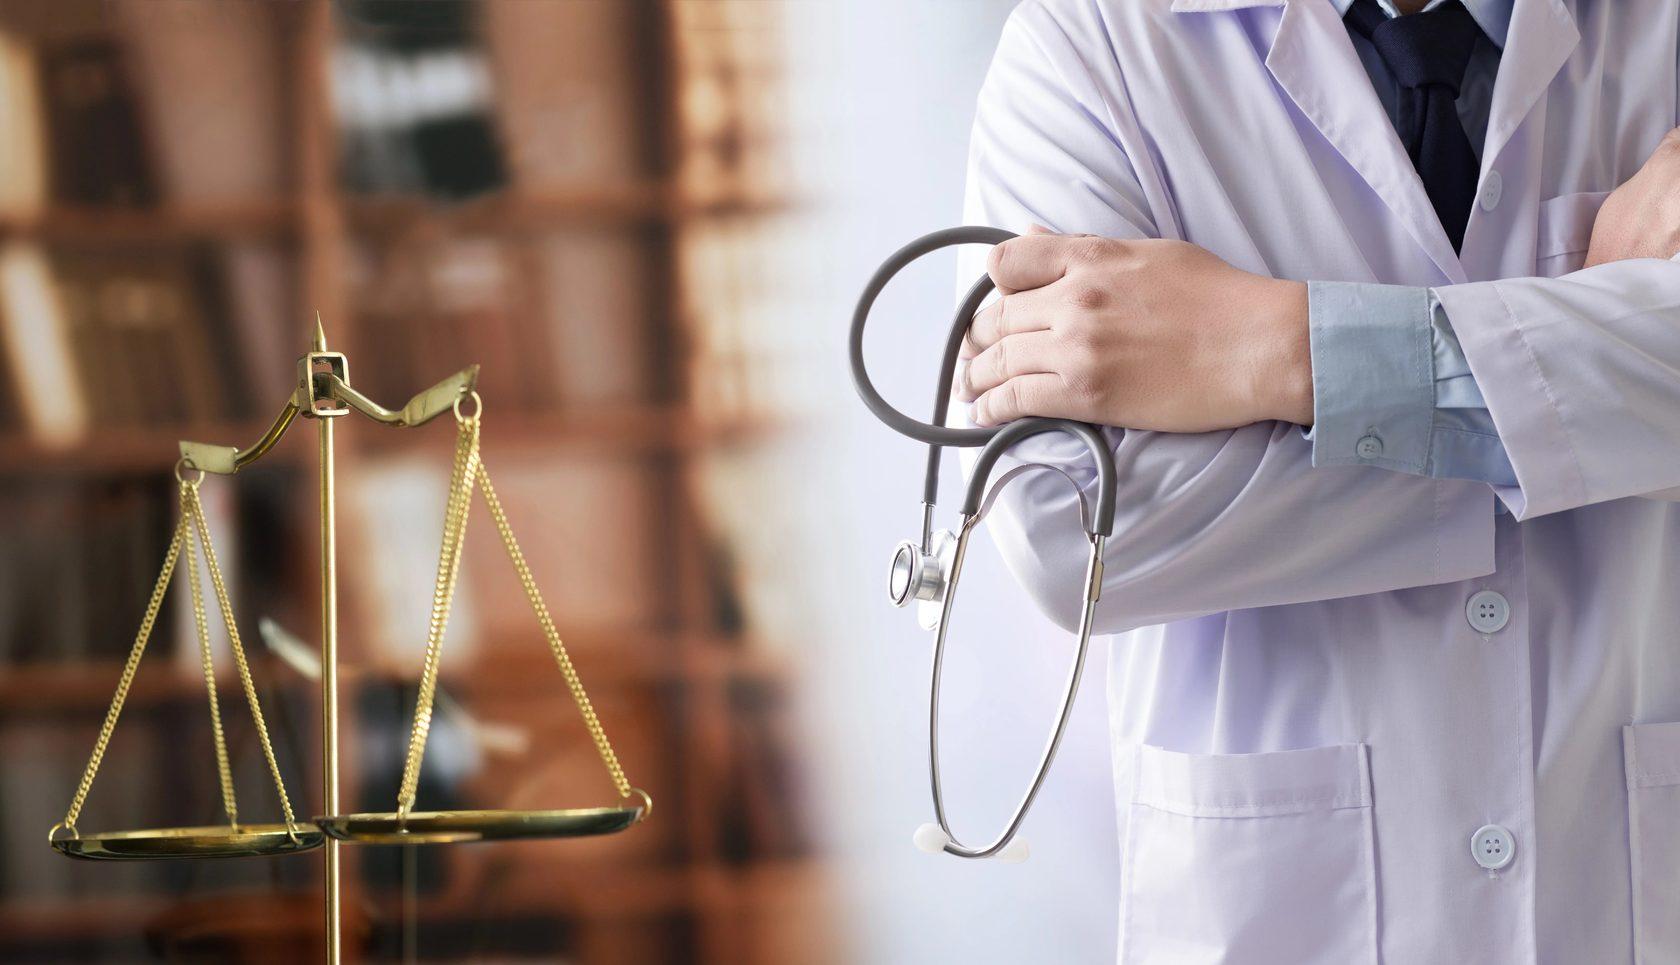 уголовная ответственность за неправильный диагноз